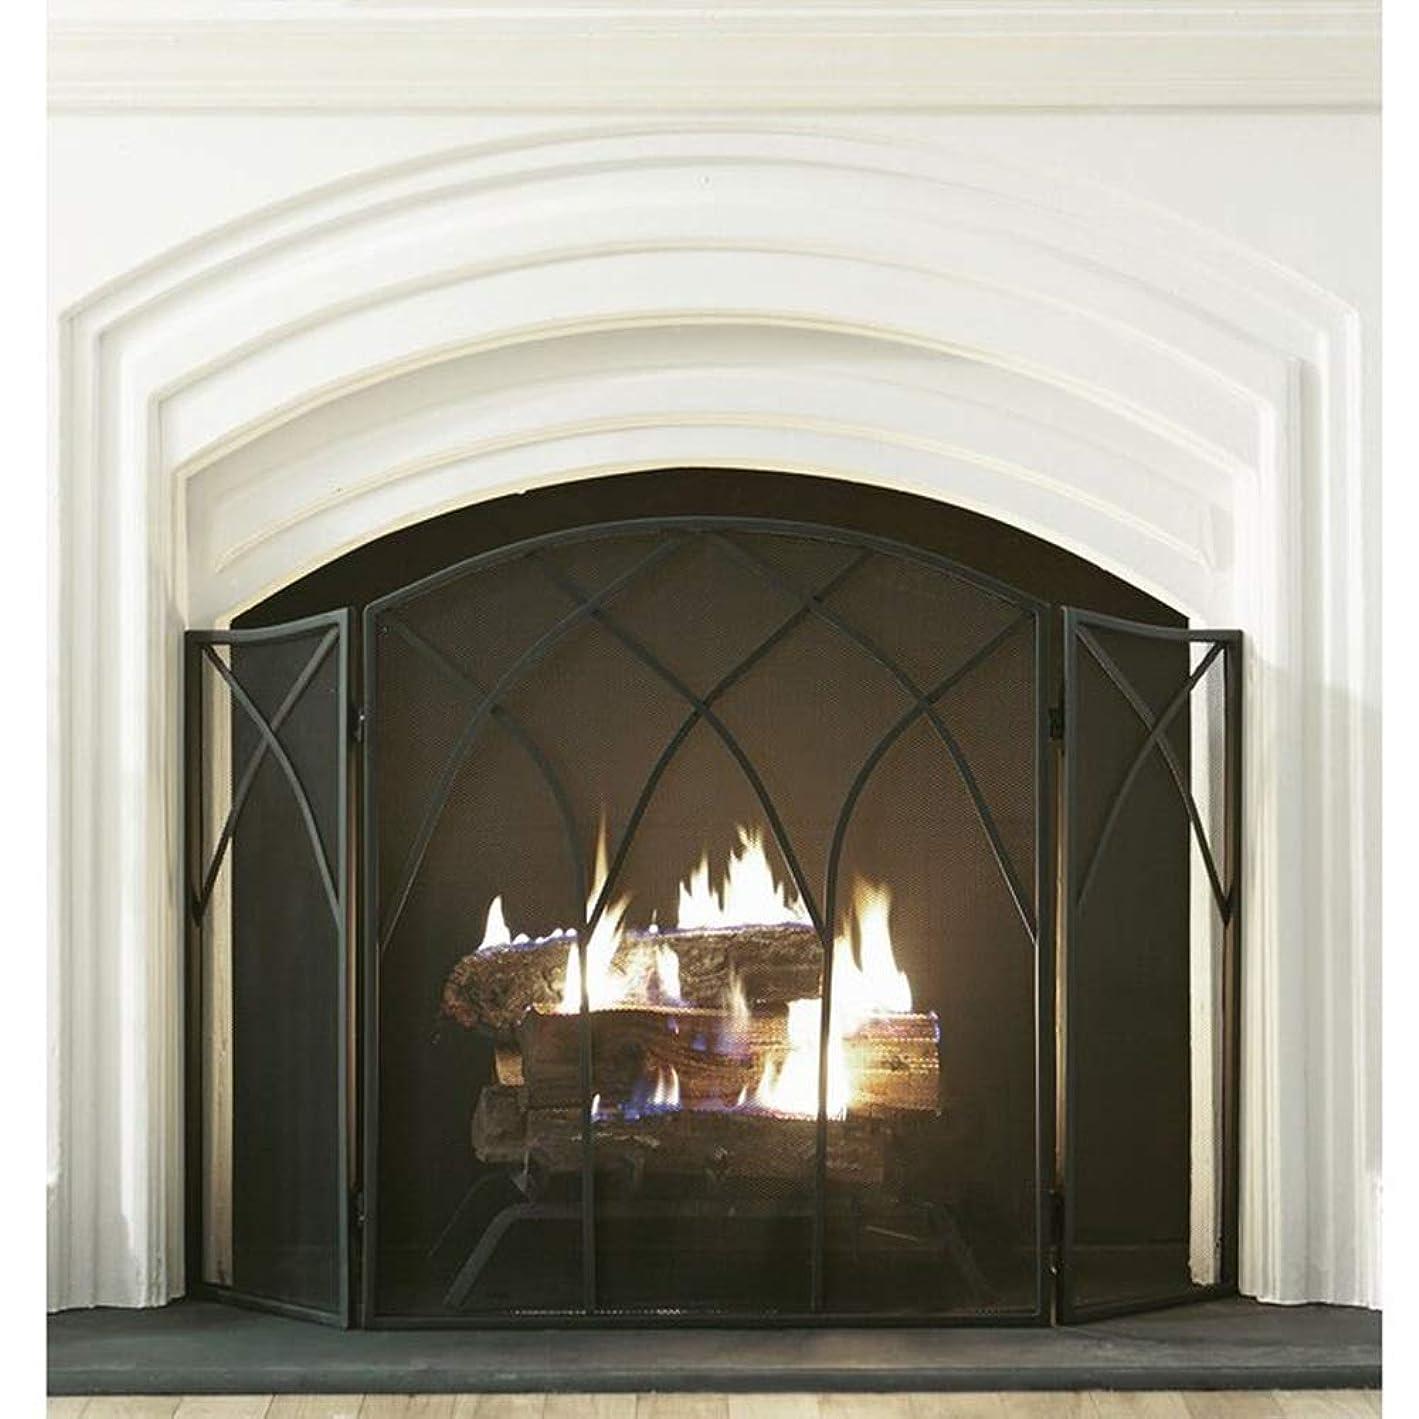 求人群集権限を与える暖炉 スクリーン シンプルな暖炉ガードレール3パネル折りたたみ- 錬鉄スクリーン 子供とペットの安全のための金属メッシュ付きのリビングルームの装飾、 幅128x高さ80cm (Color : Black)